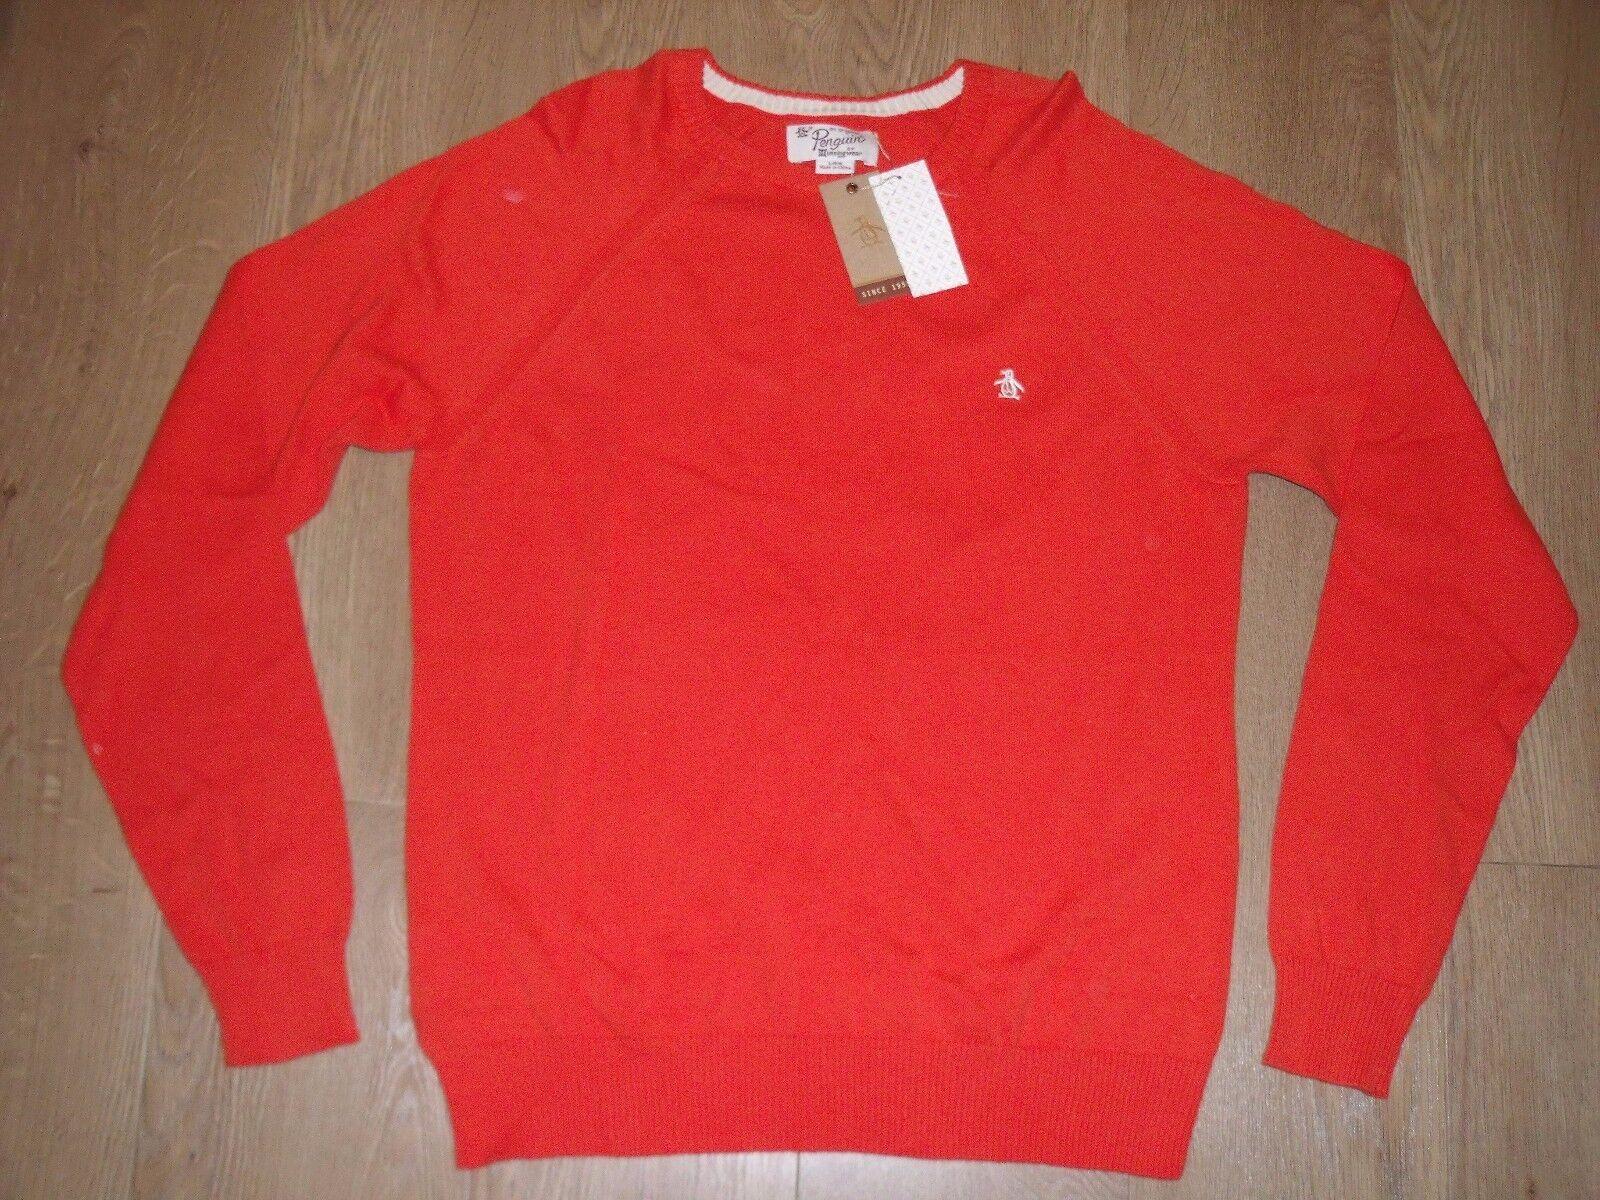 Original Penguin Uomo arancione maglione girocollo a maglie fini Cardigan L